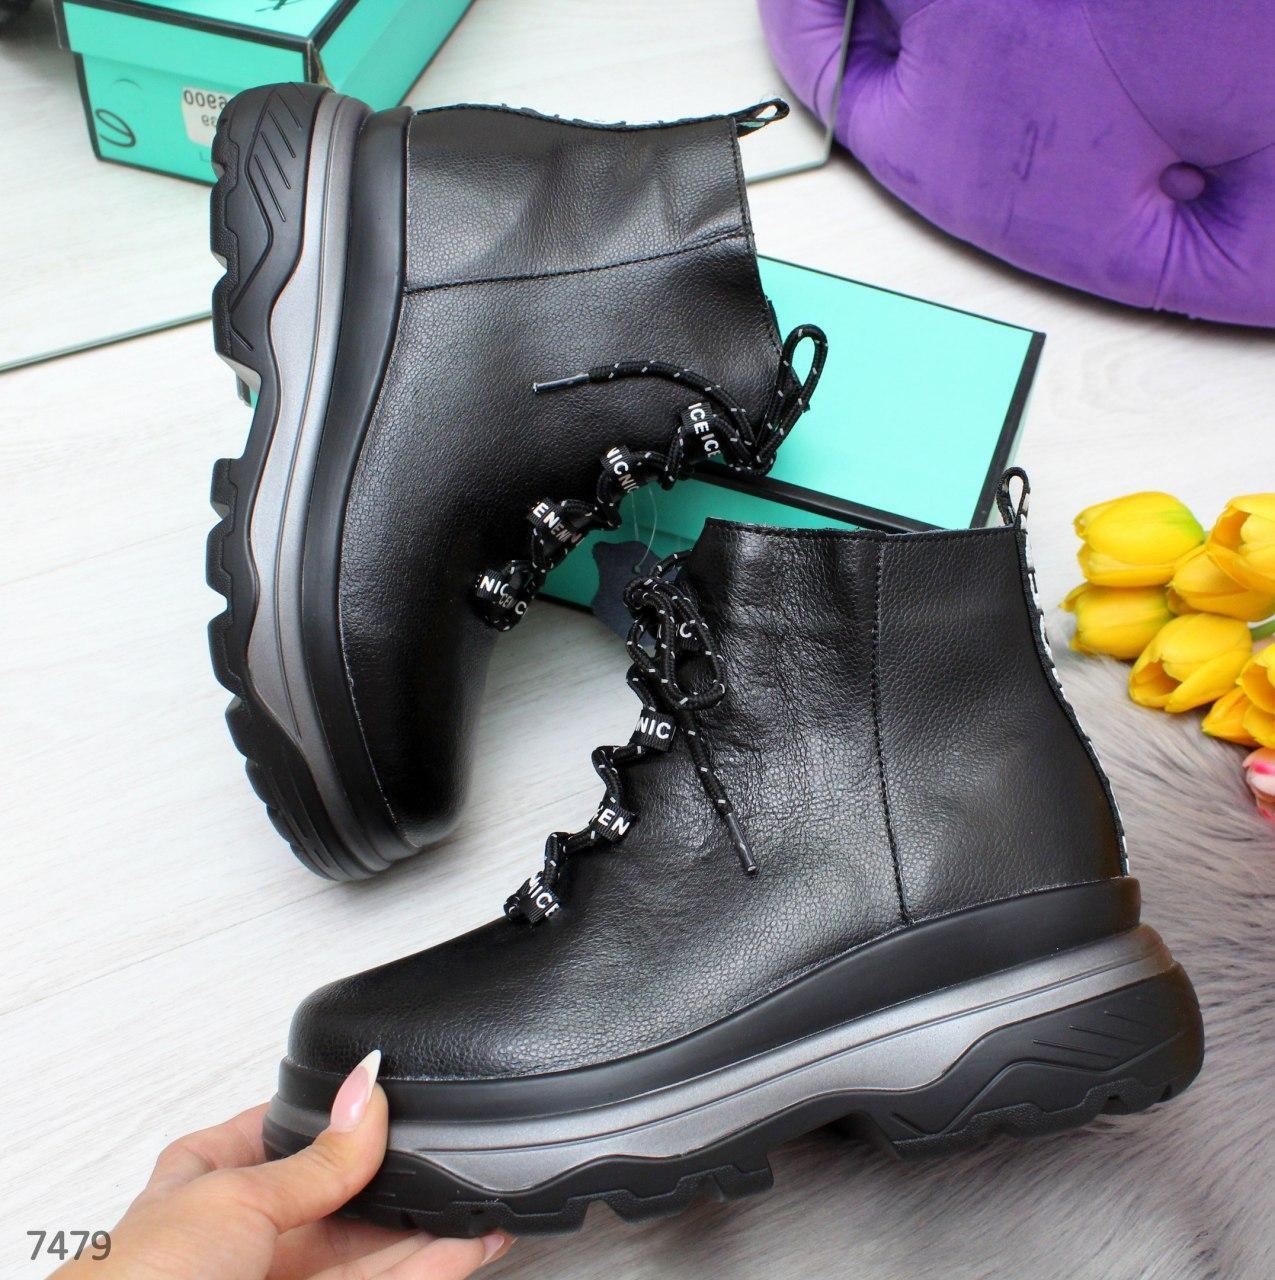 Кожаные черные женские ботинки на зиму на меху kap7479